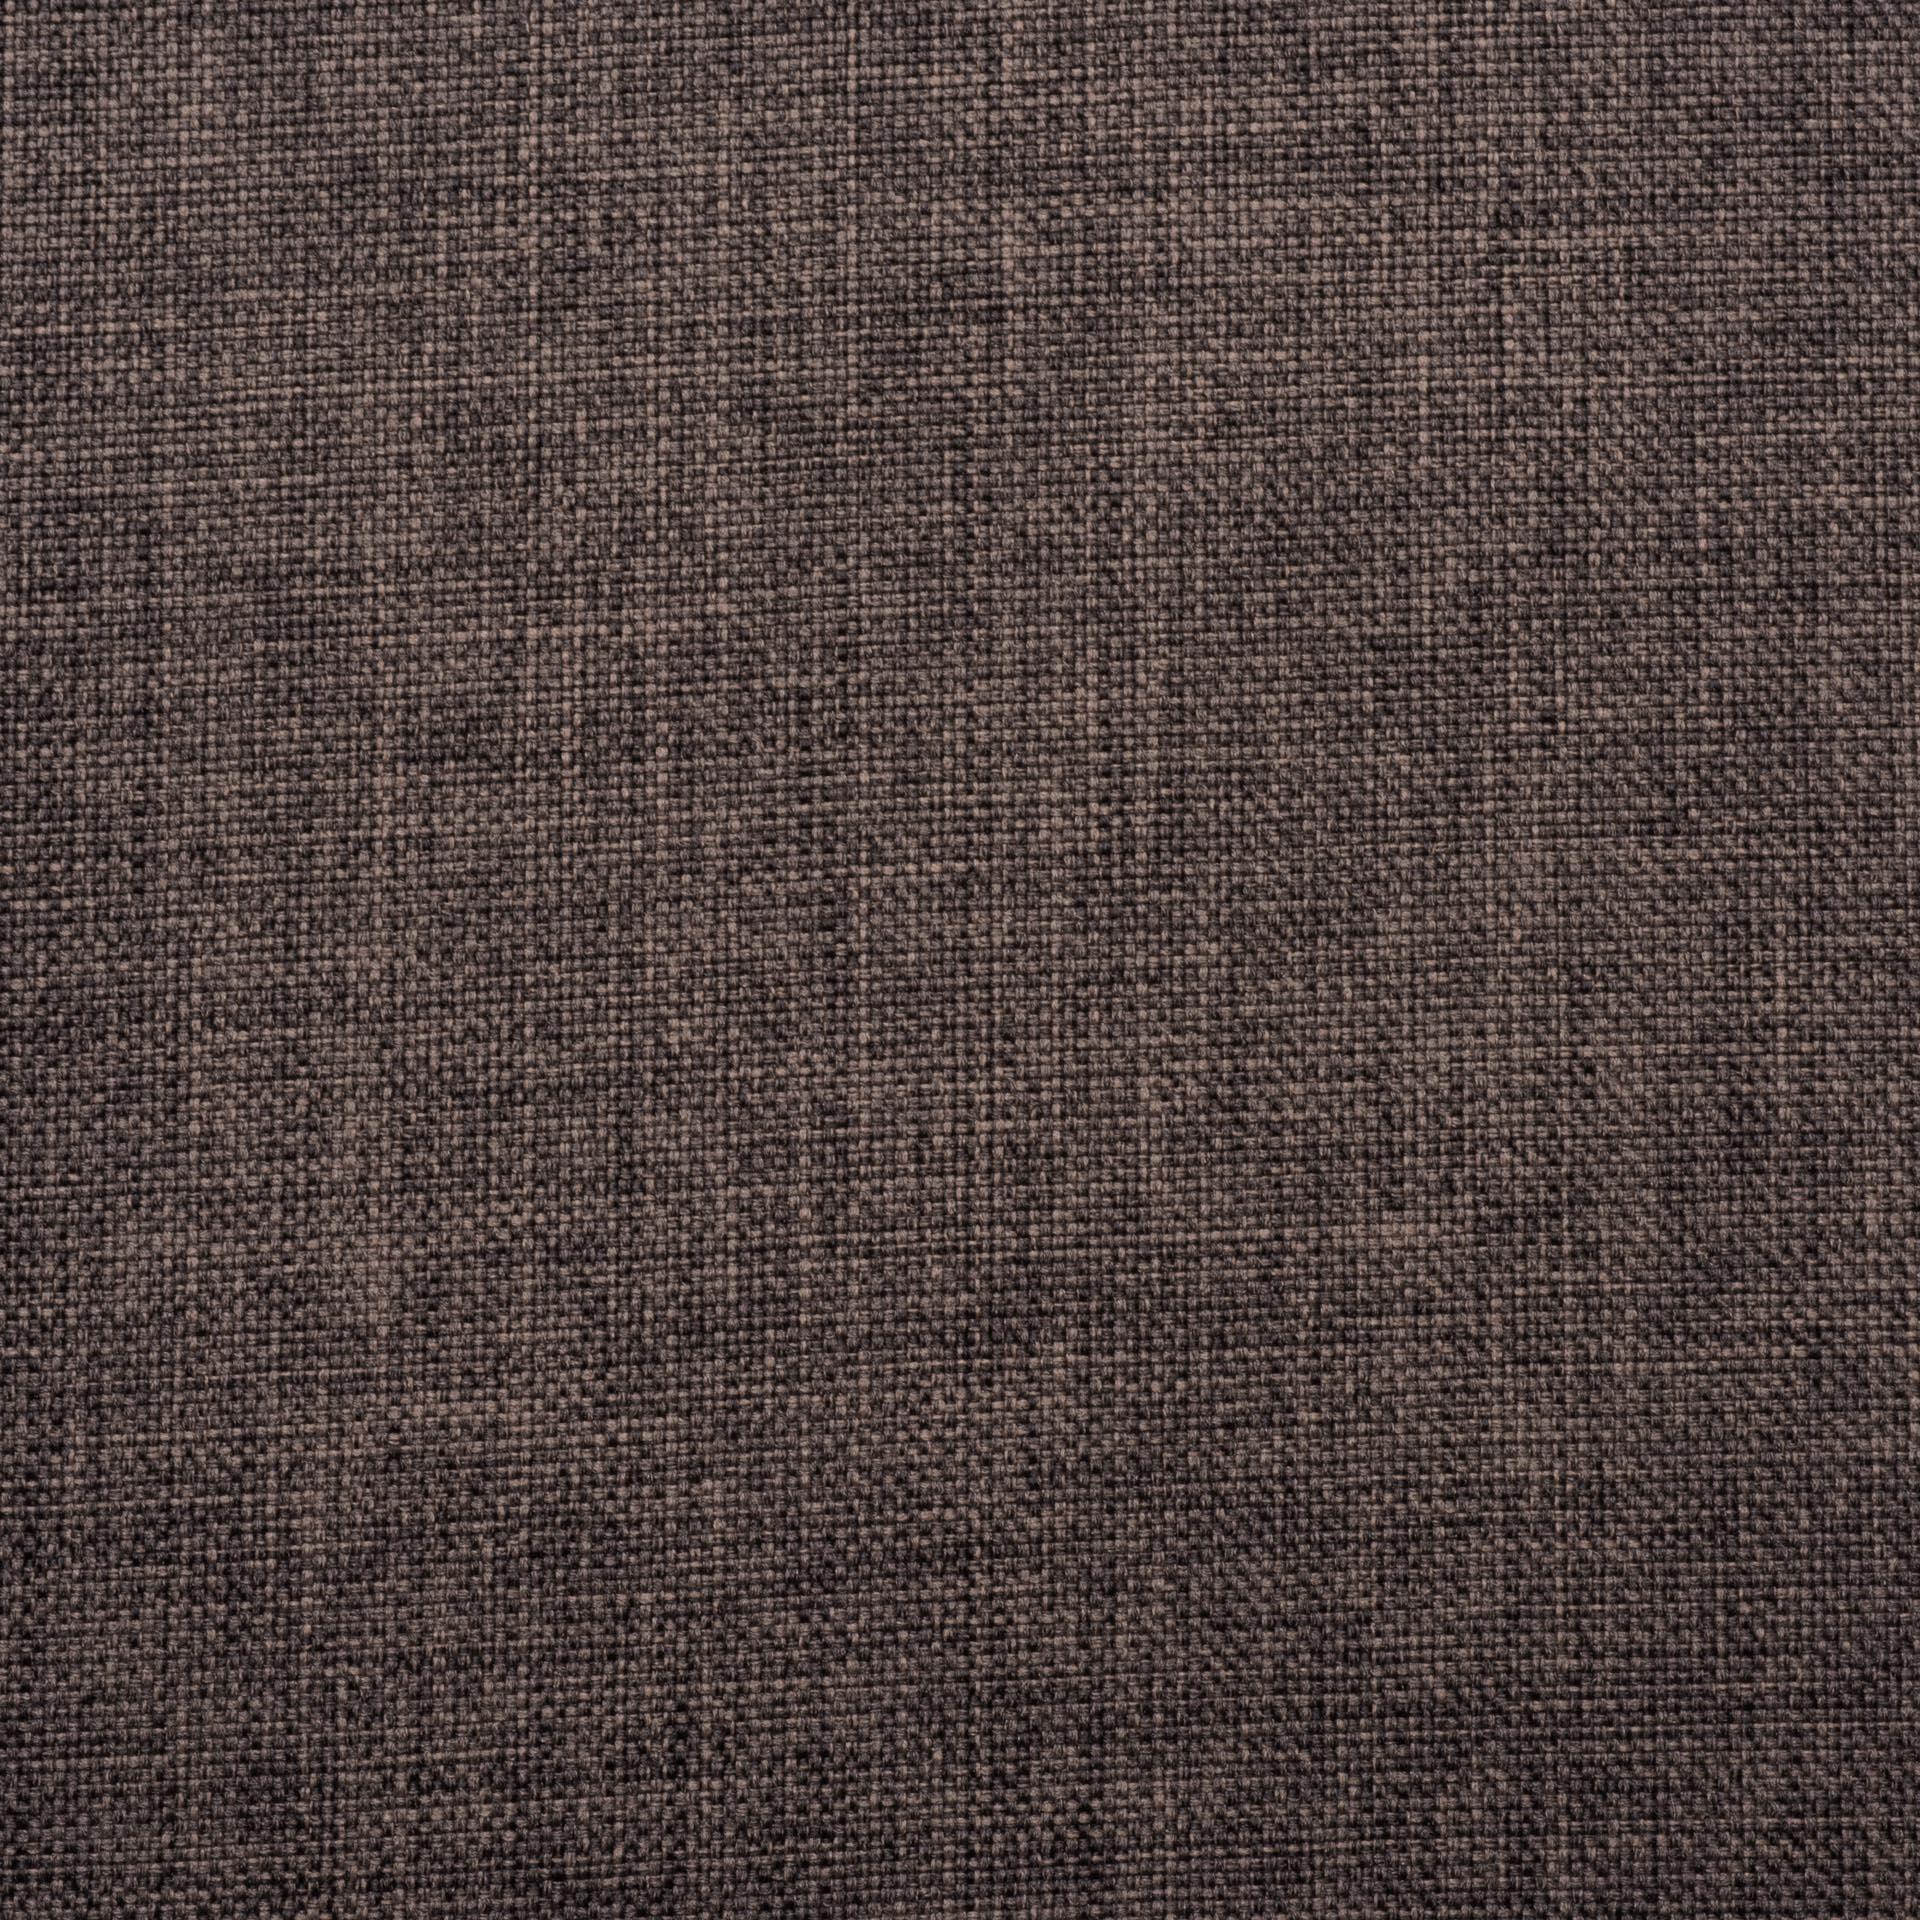 Коллекция ткани Саванна nova 04 Coffee,  купить ткань Жаккард для мебели Украина